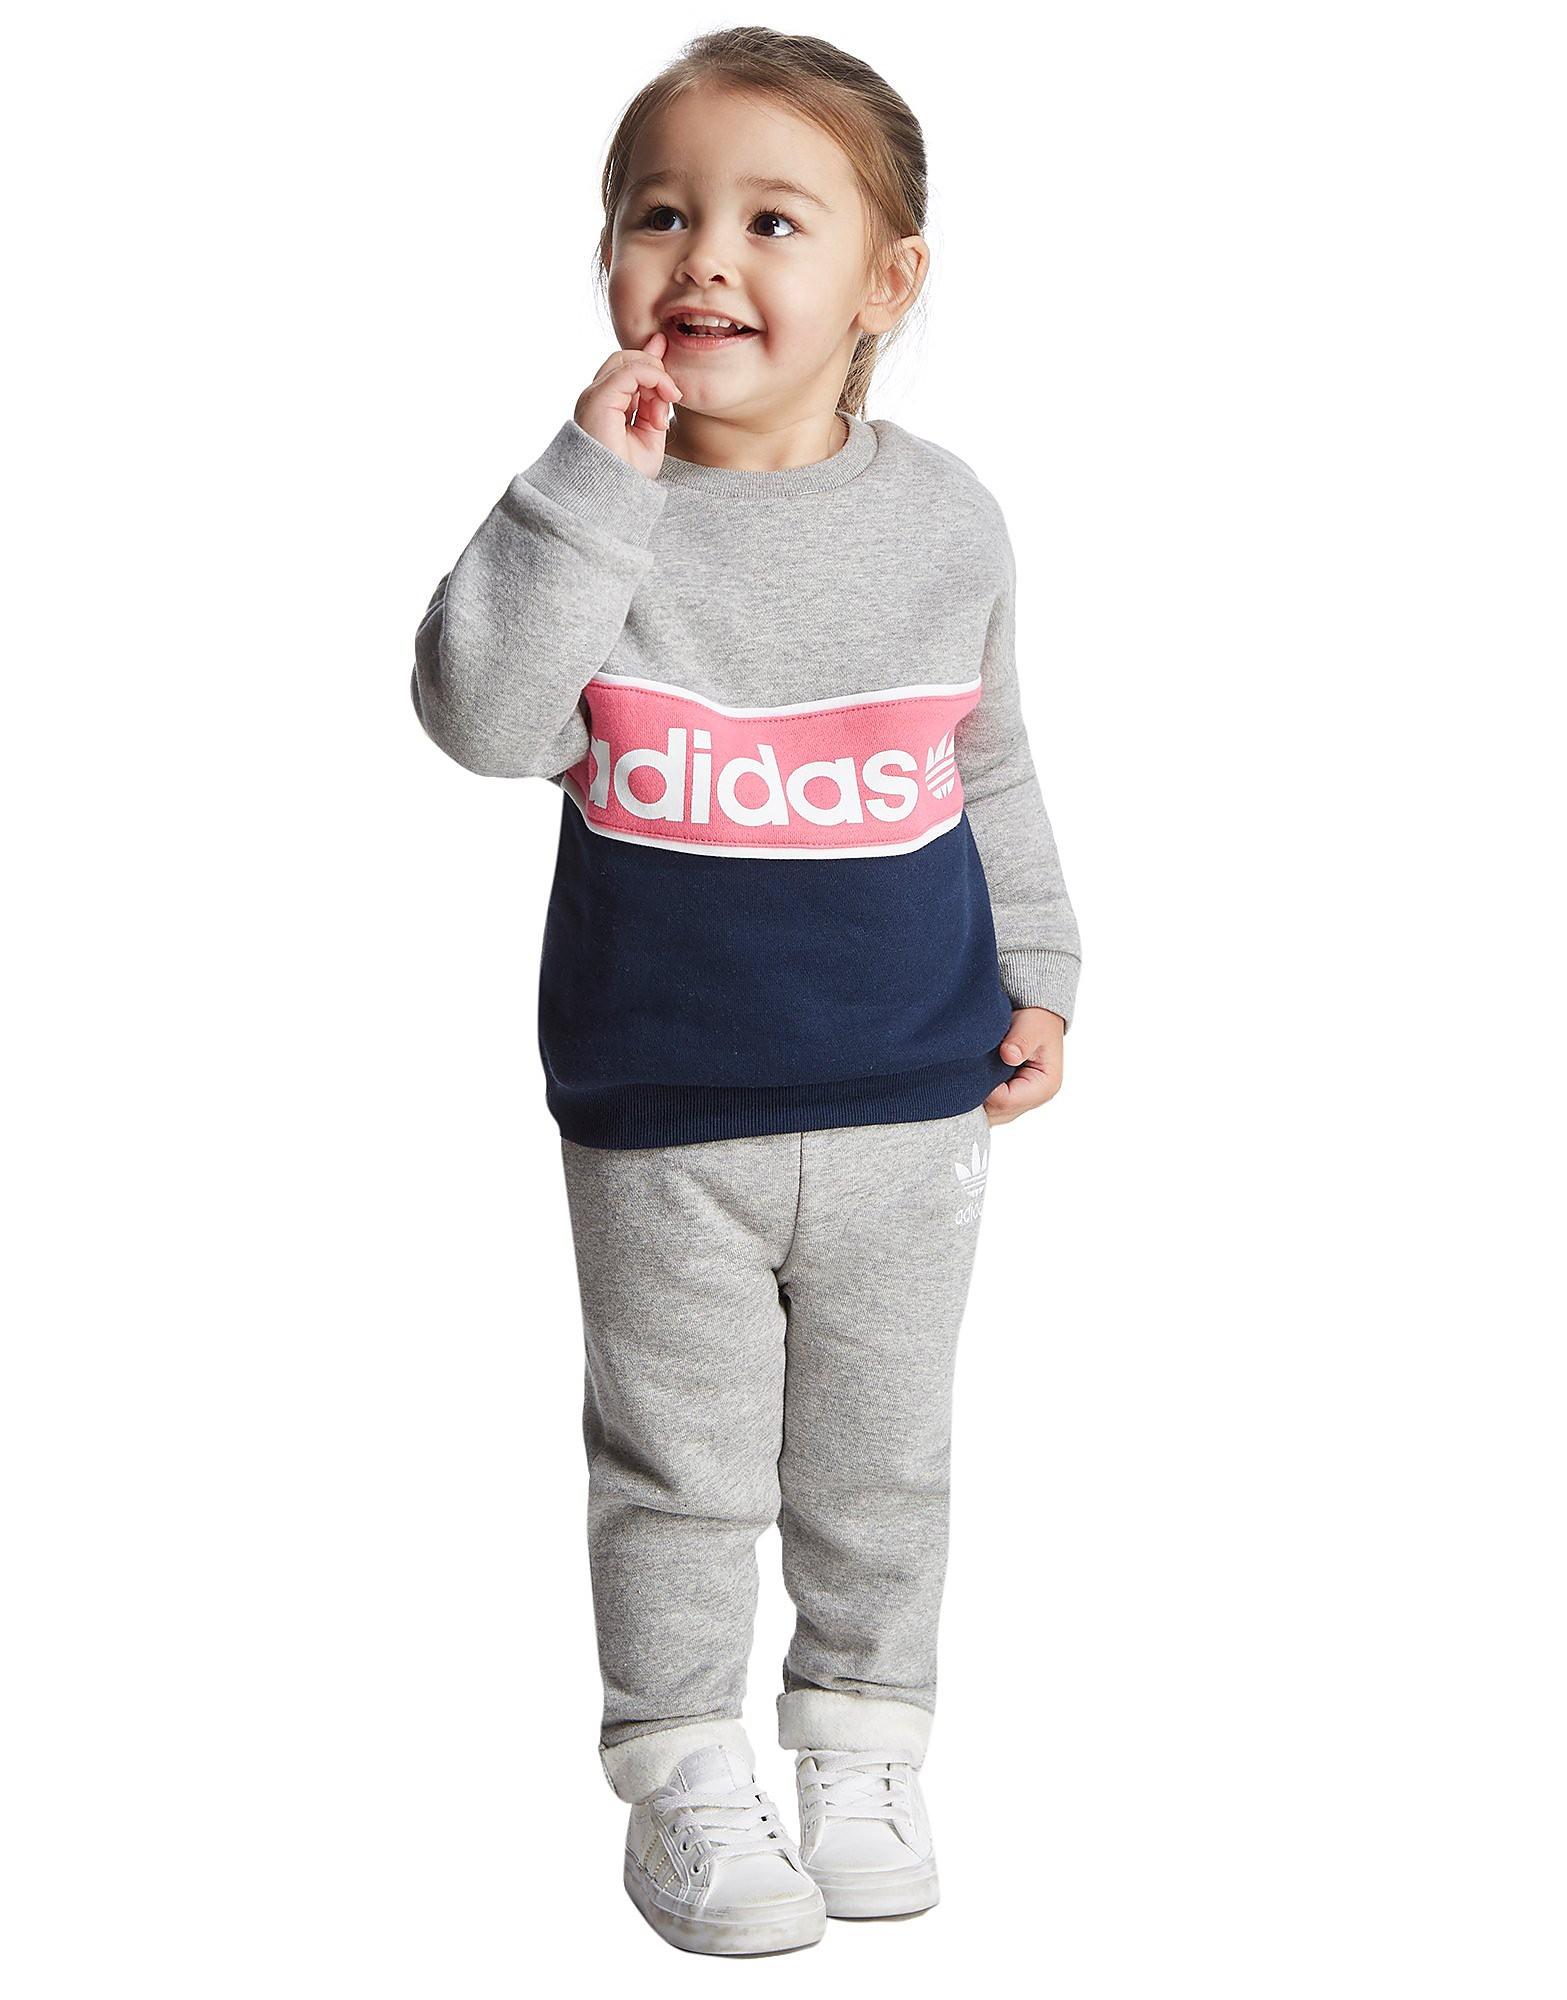 adidas Originals Mädchen-Crew Suit für Kleinkinder